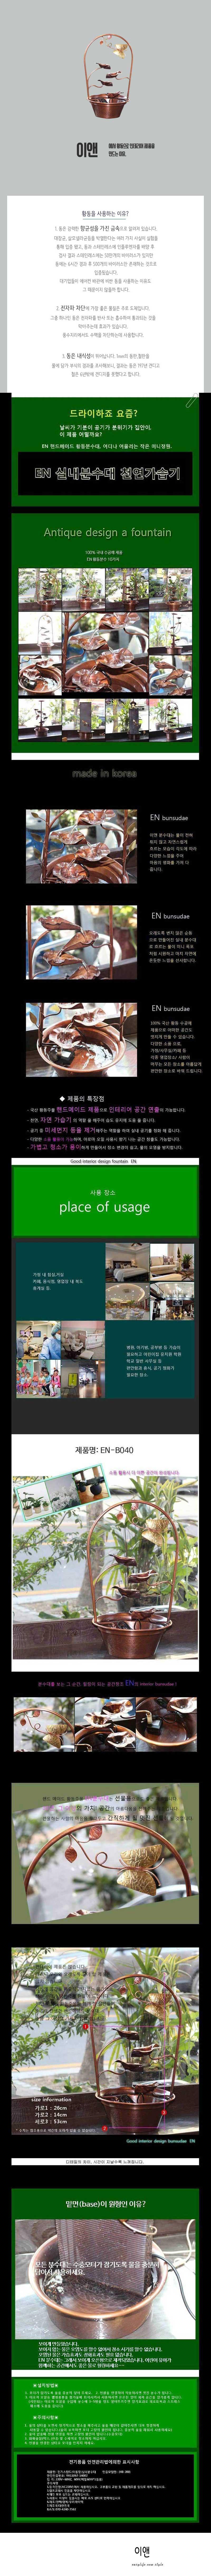 분수대 이앤 B040 국산 황동 핸드메이드 고급동분수대 - 이앤, 278,000원, 장식소품, 분수